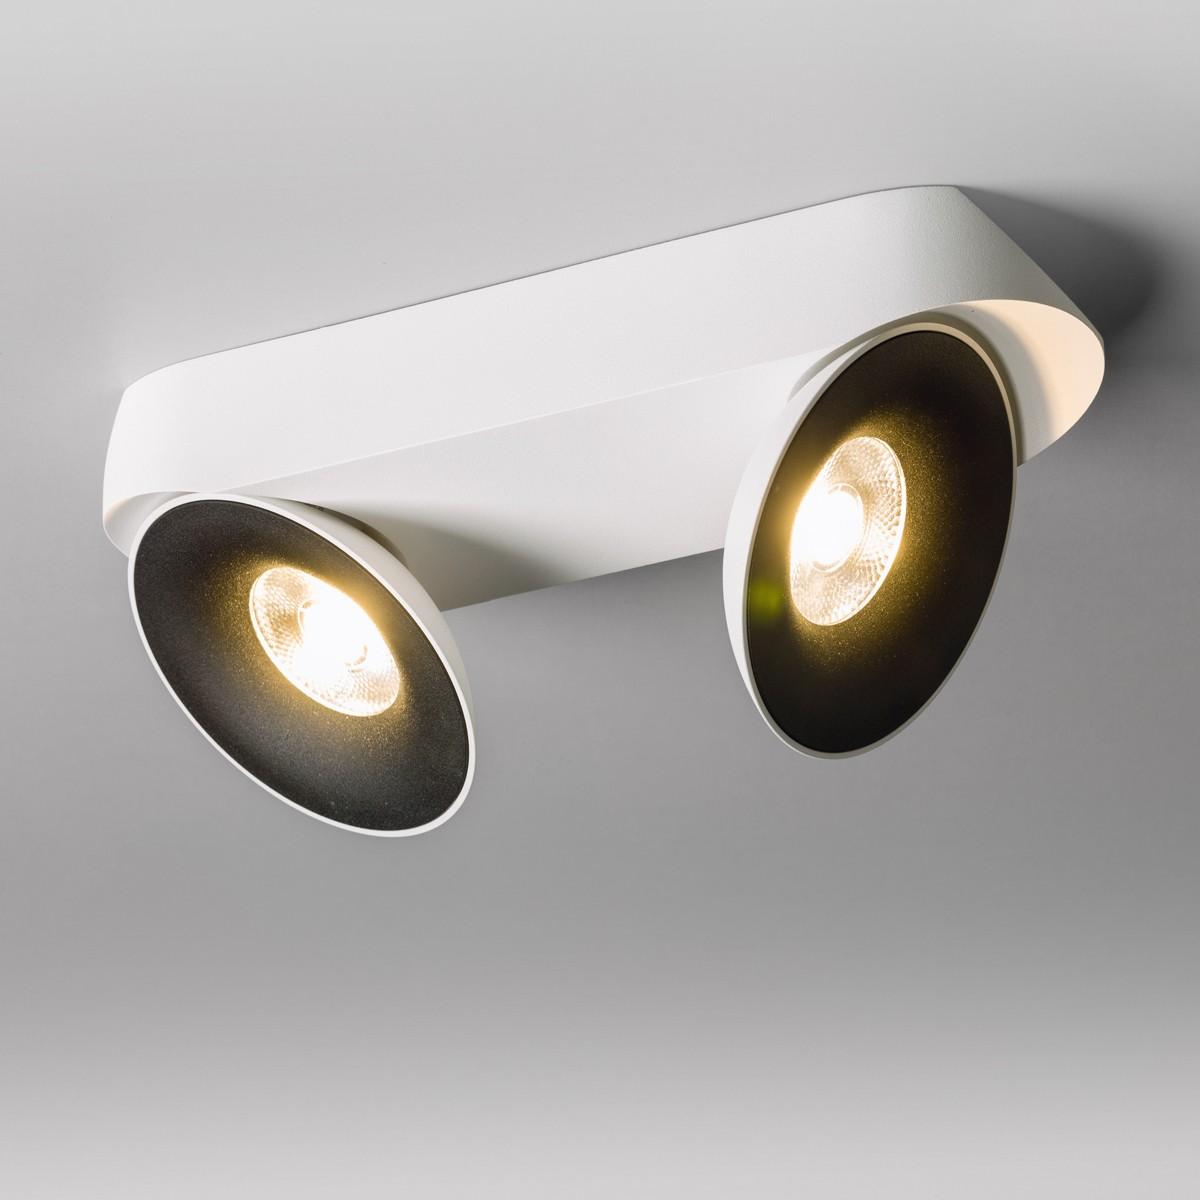 Lupia Licht Saturn 2 LED Deckenstrahler, weiß